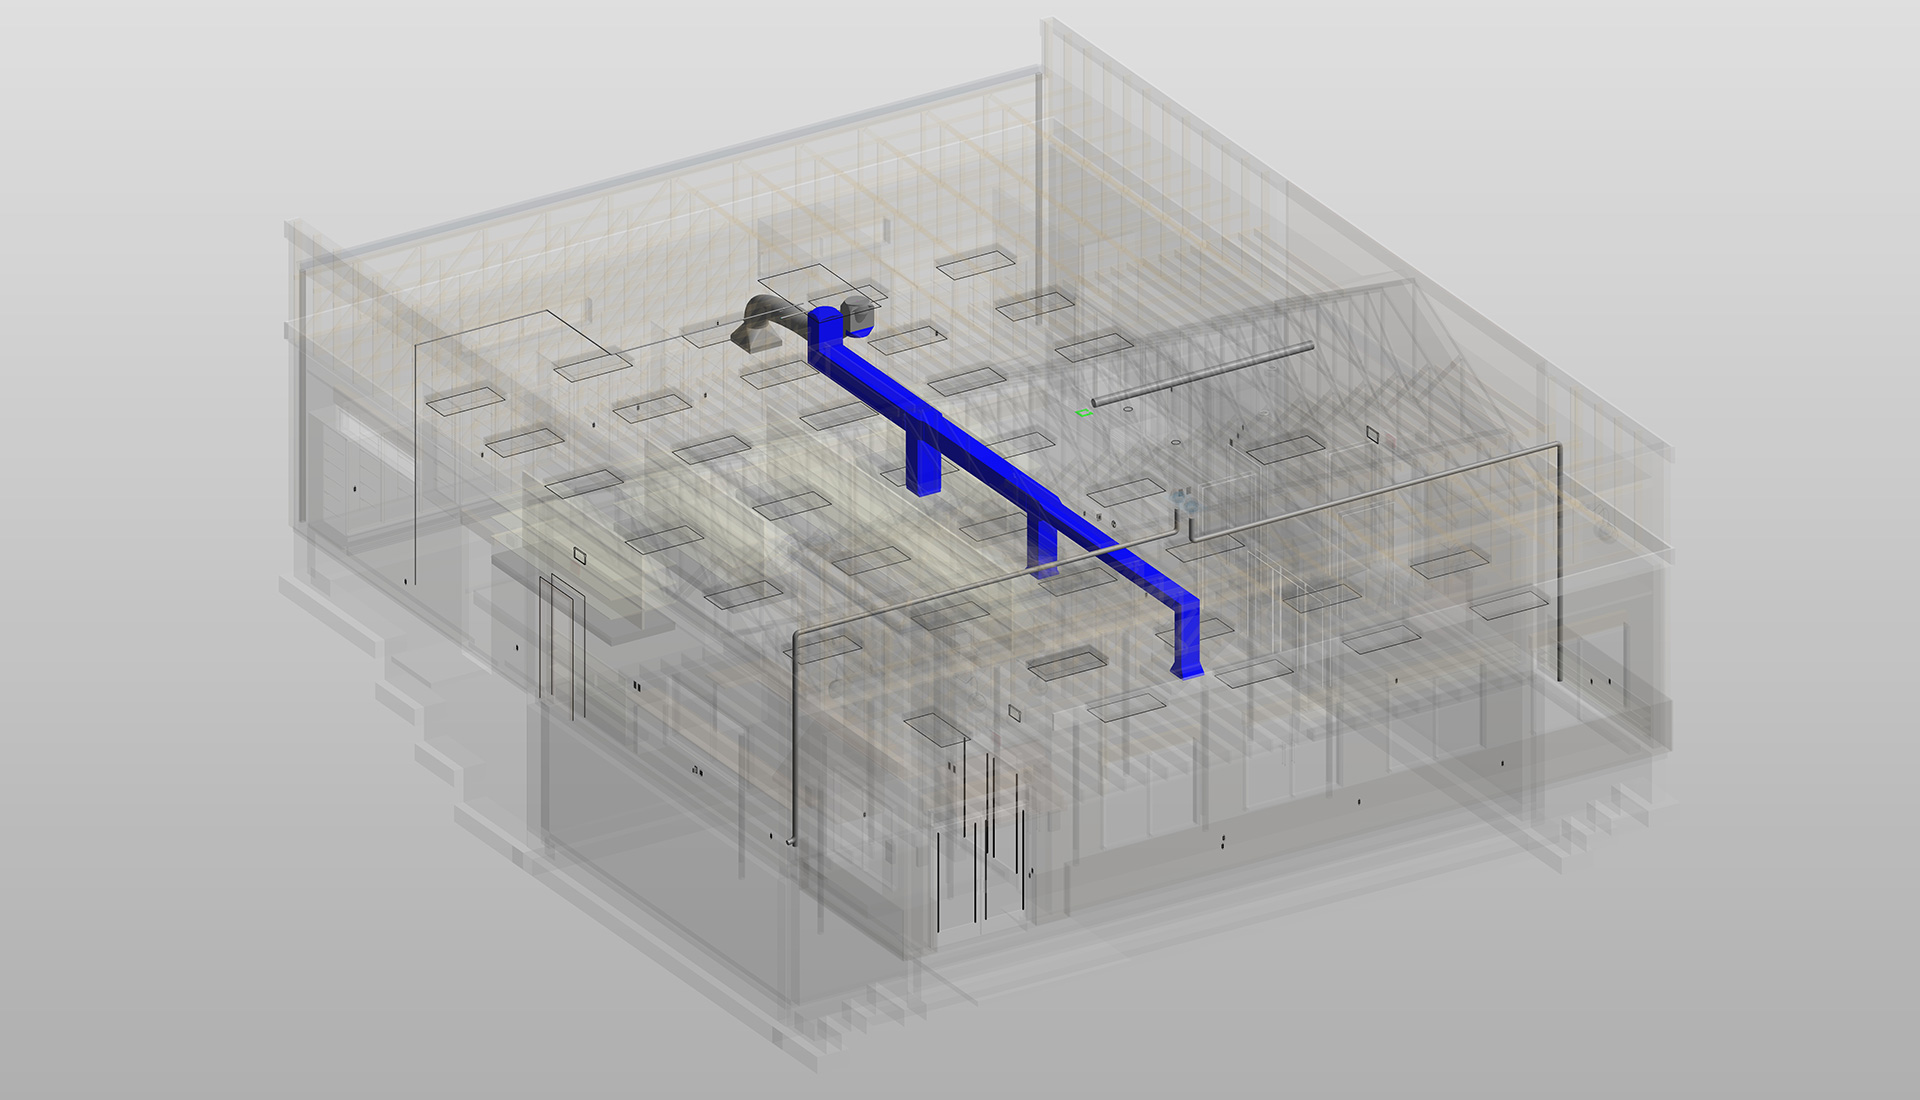 3D-HVAC-BIM-Model-Commercial-Revit-Modeling-by-United-BIM